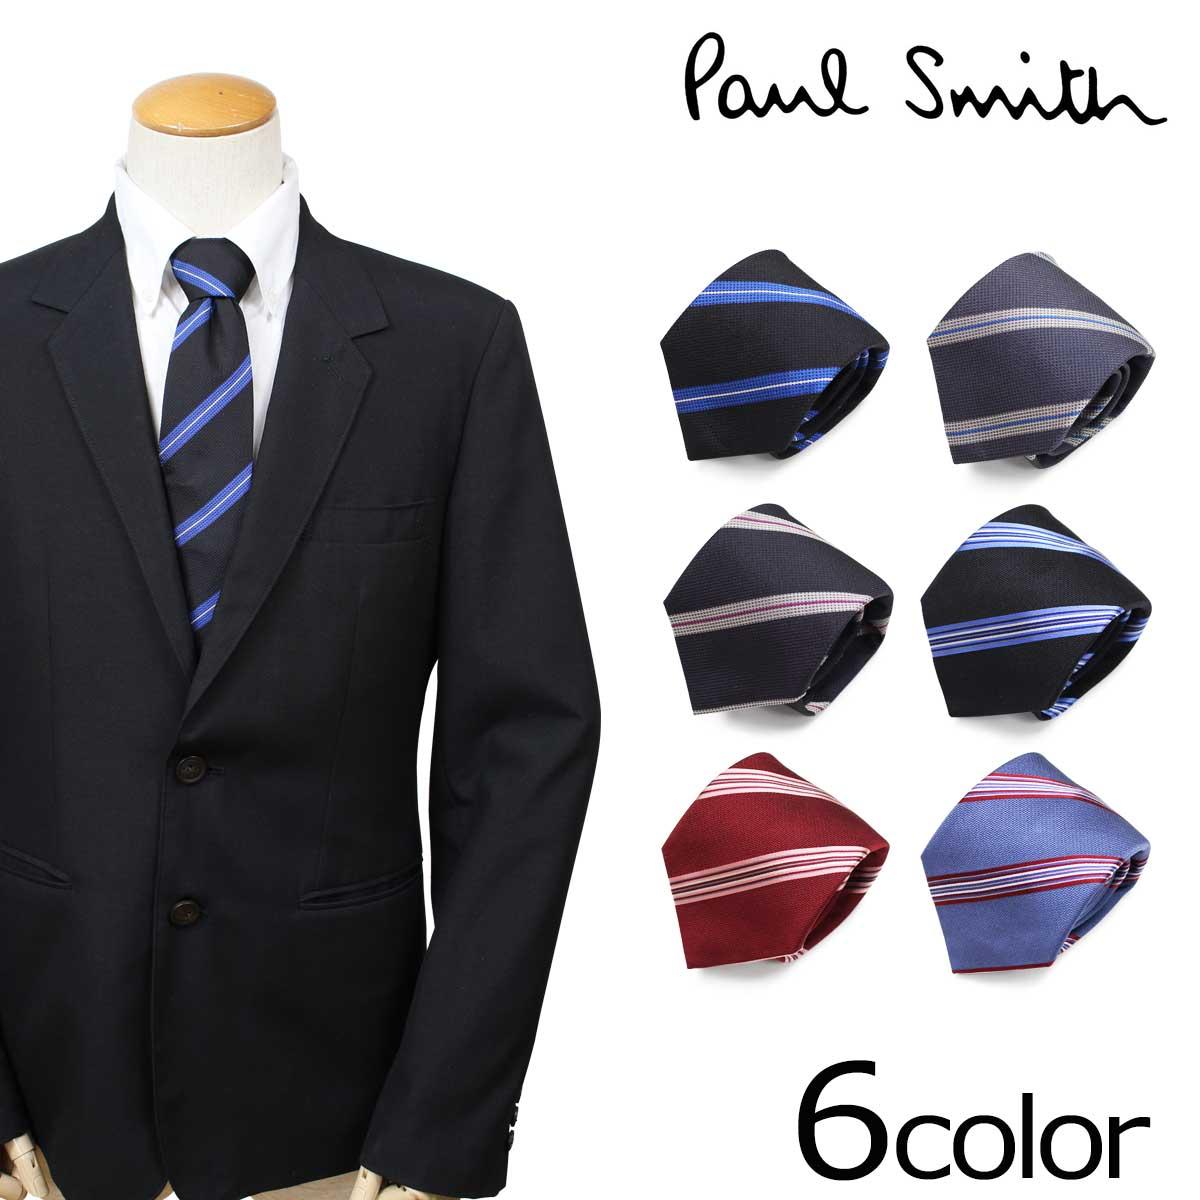 ポールスミス Paul Smith ネクタイ メンズ シルク イタリア製 ビジネス 結婚式